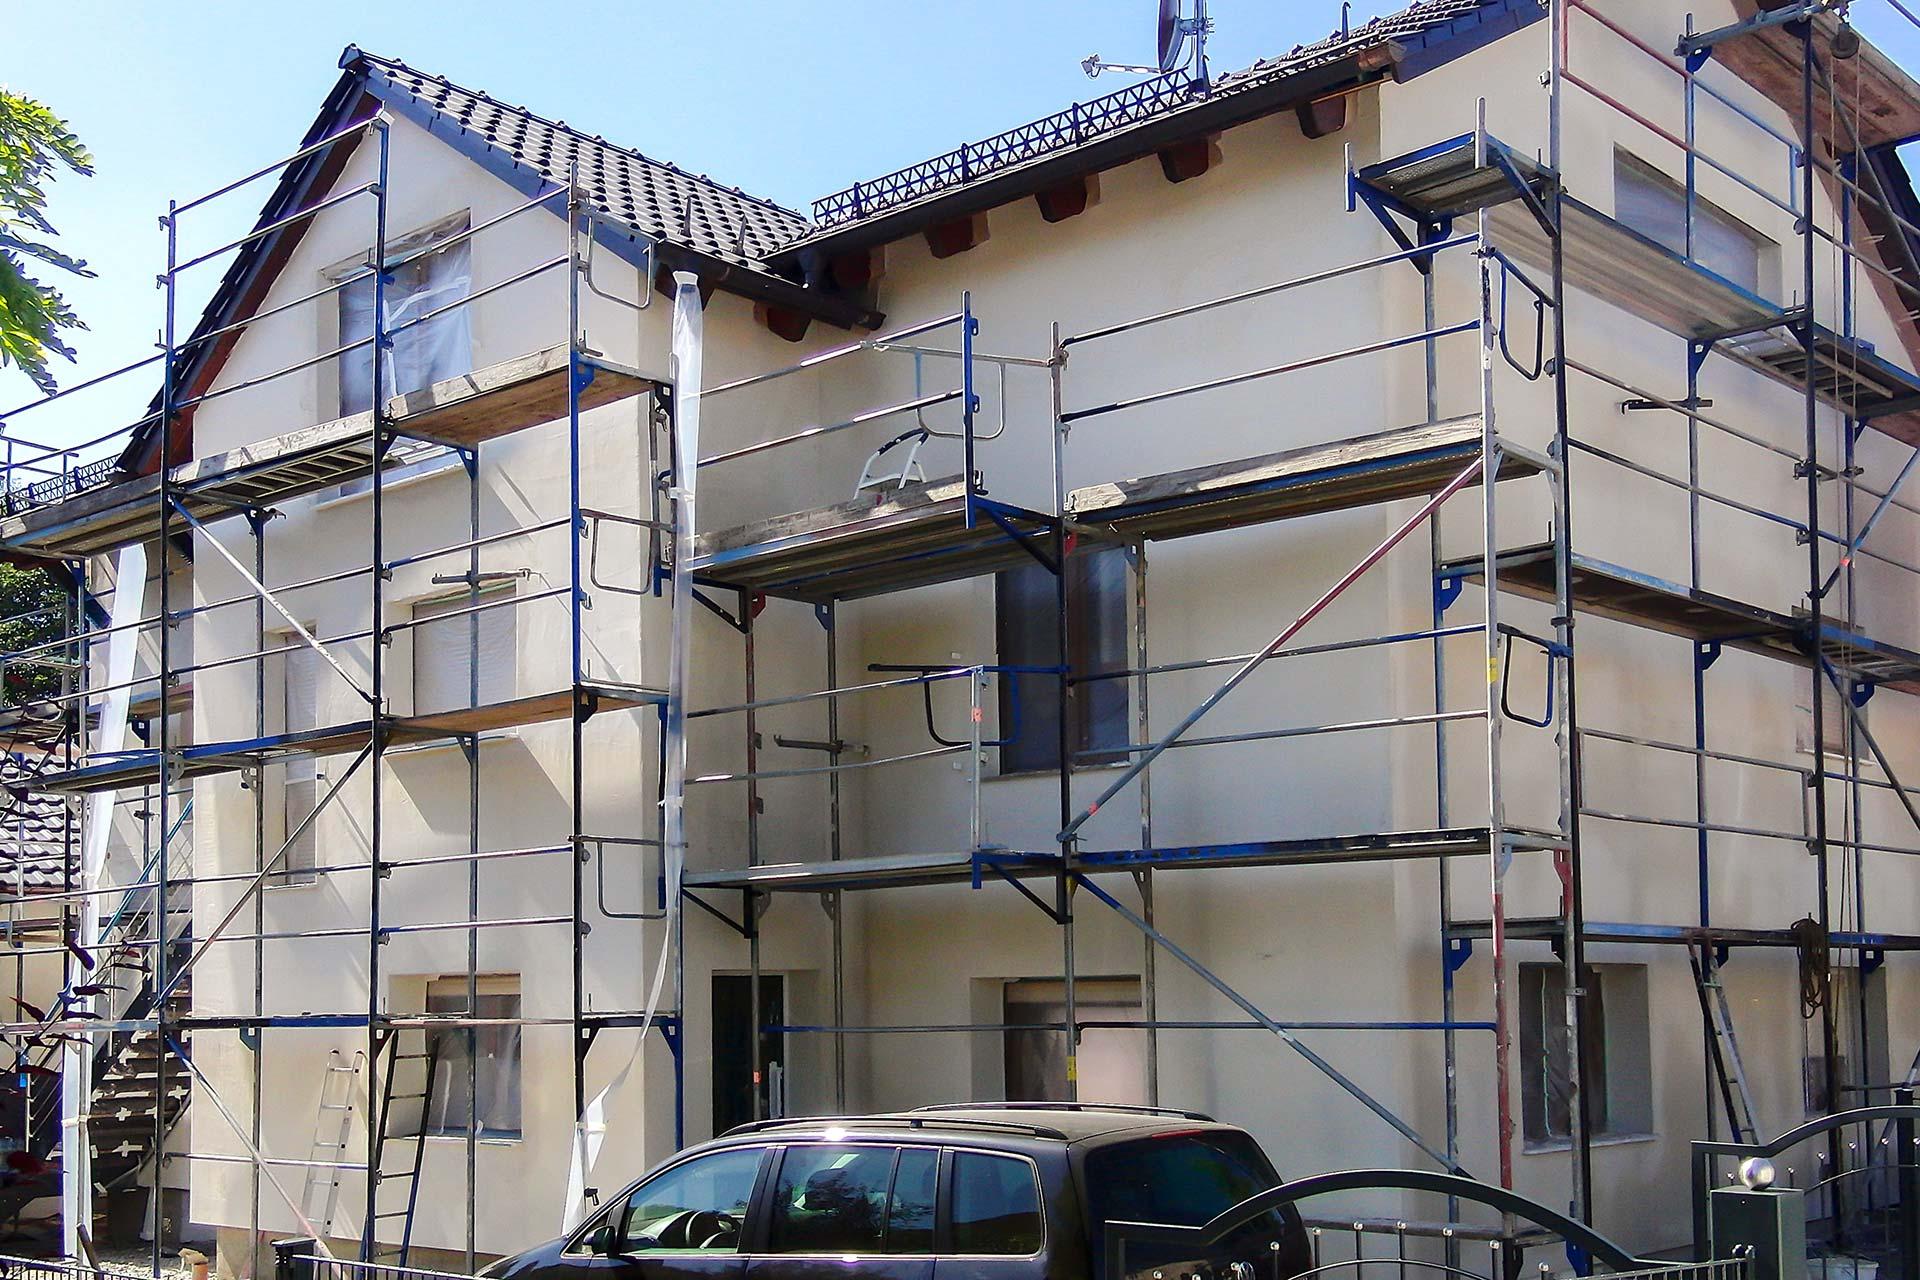 Dämmung und Außenputz eines Wohnhauses - Vorher